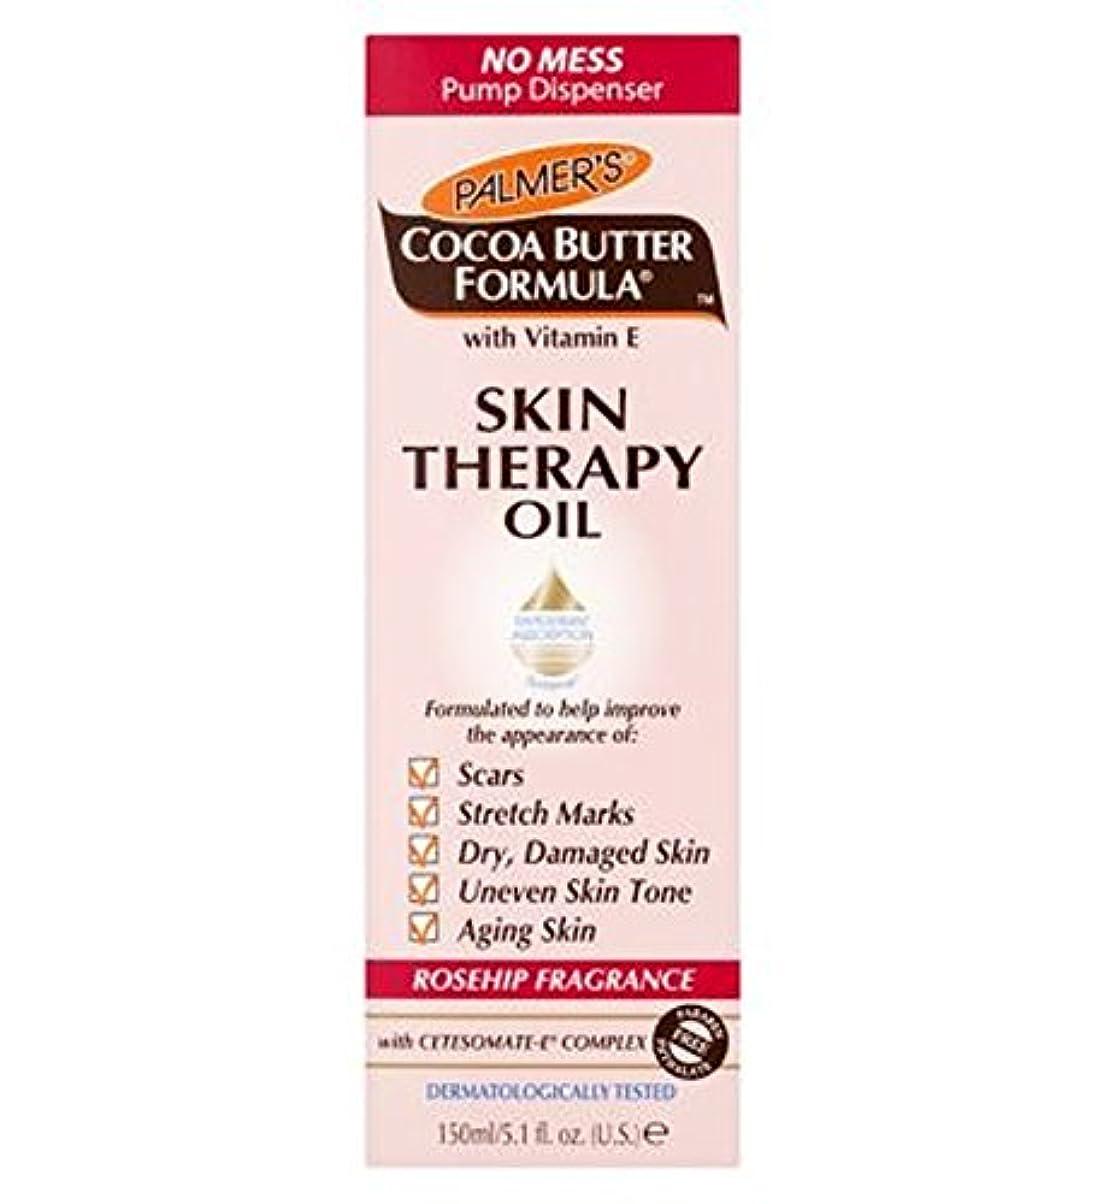 幸運なことに包帯ごめんなさい[Palmer's] パーマーのカカオ脂式皮膚治療オイルローズヒップ150ミリリットル - Palmer's Cocoa Butter Formula Skin Therapy Oil Rosehip 150ml [並行輸入品]